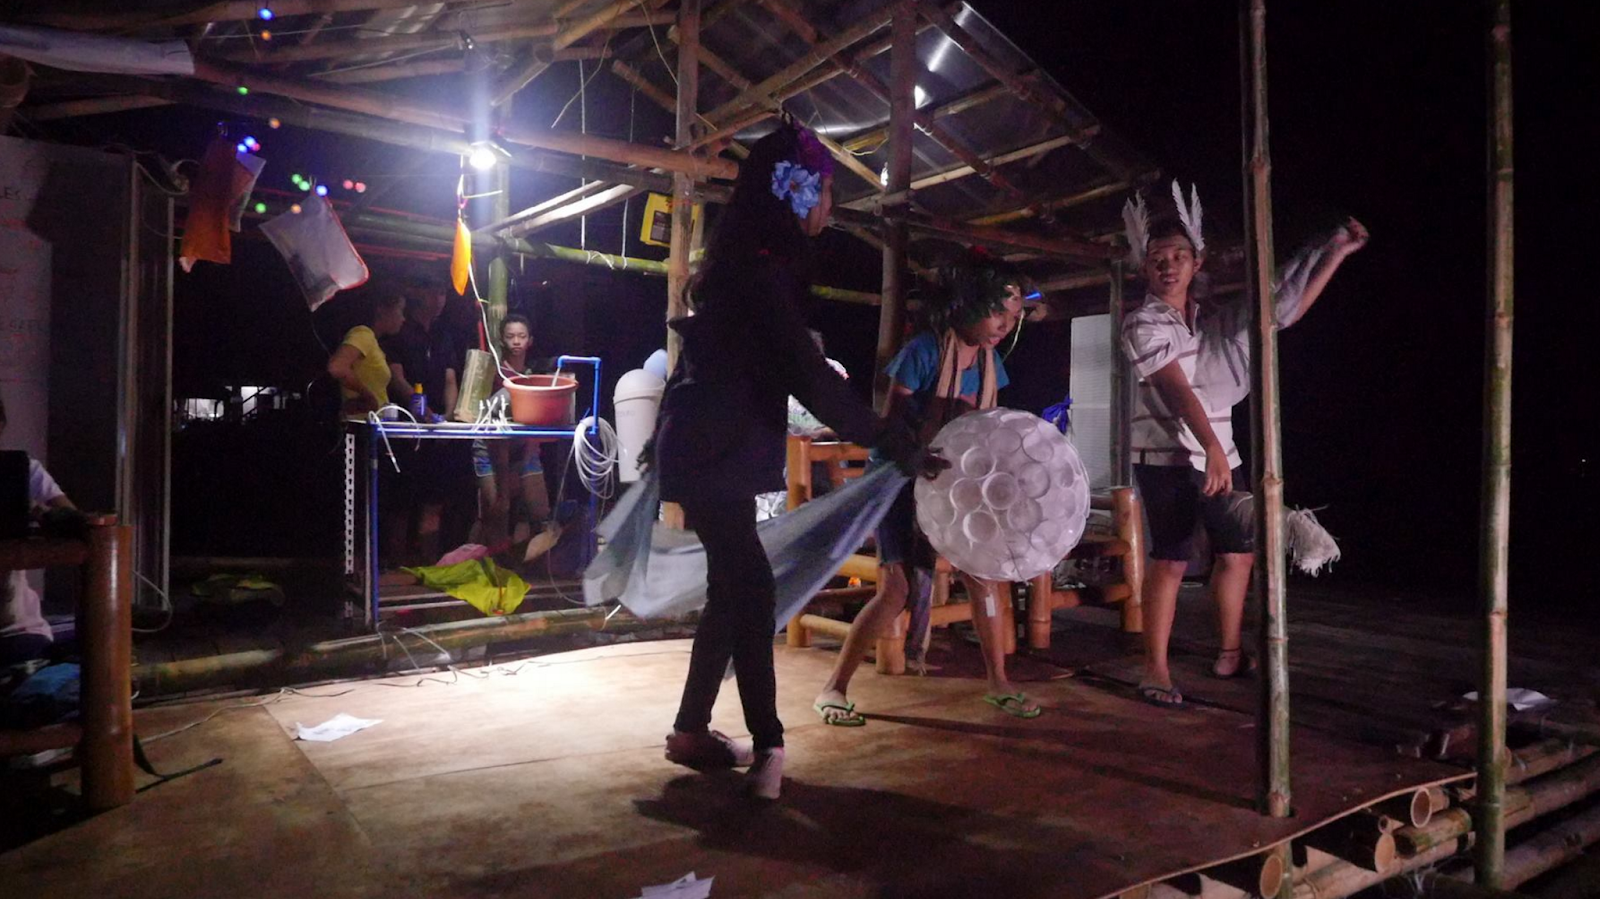 Tapok performing